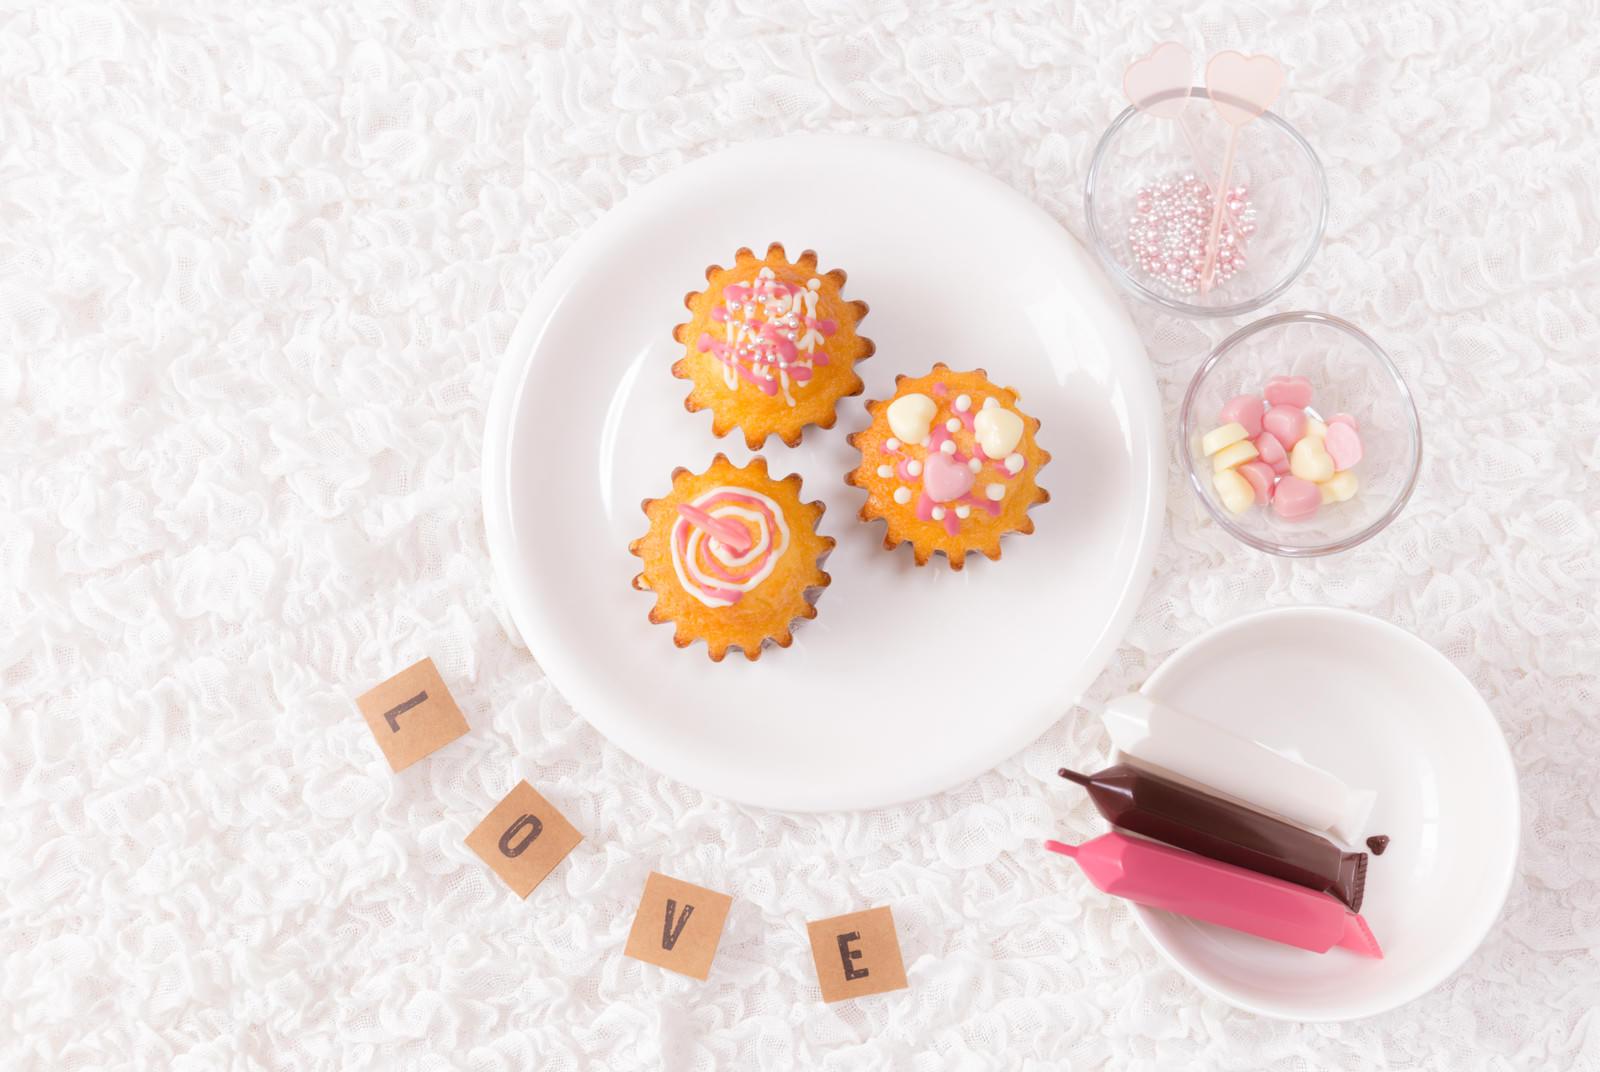 「デコったカップケーキLOVE」の写真